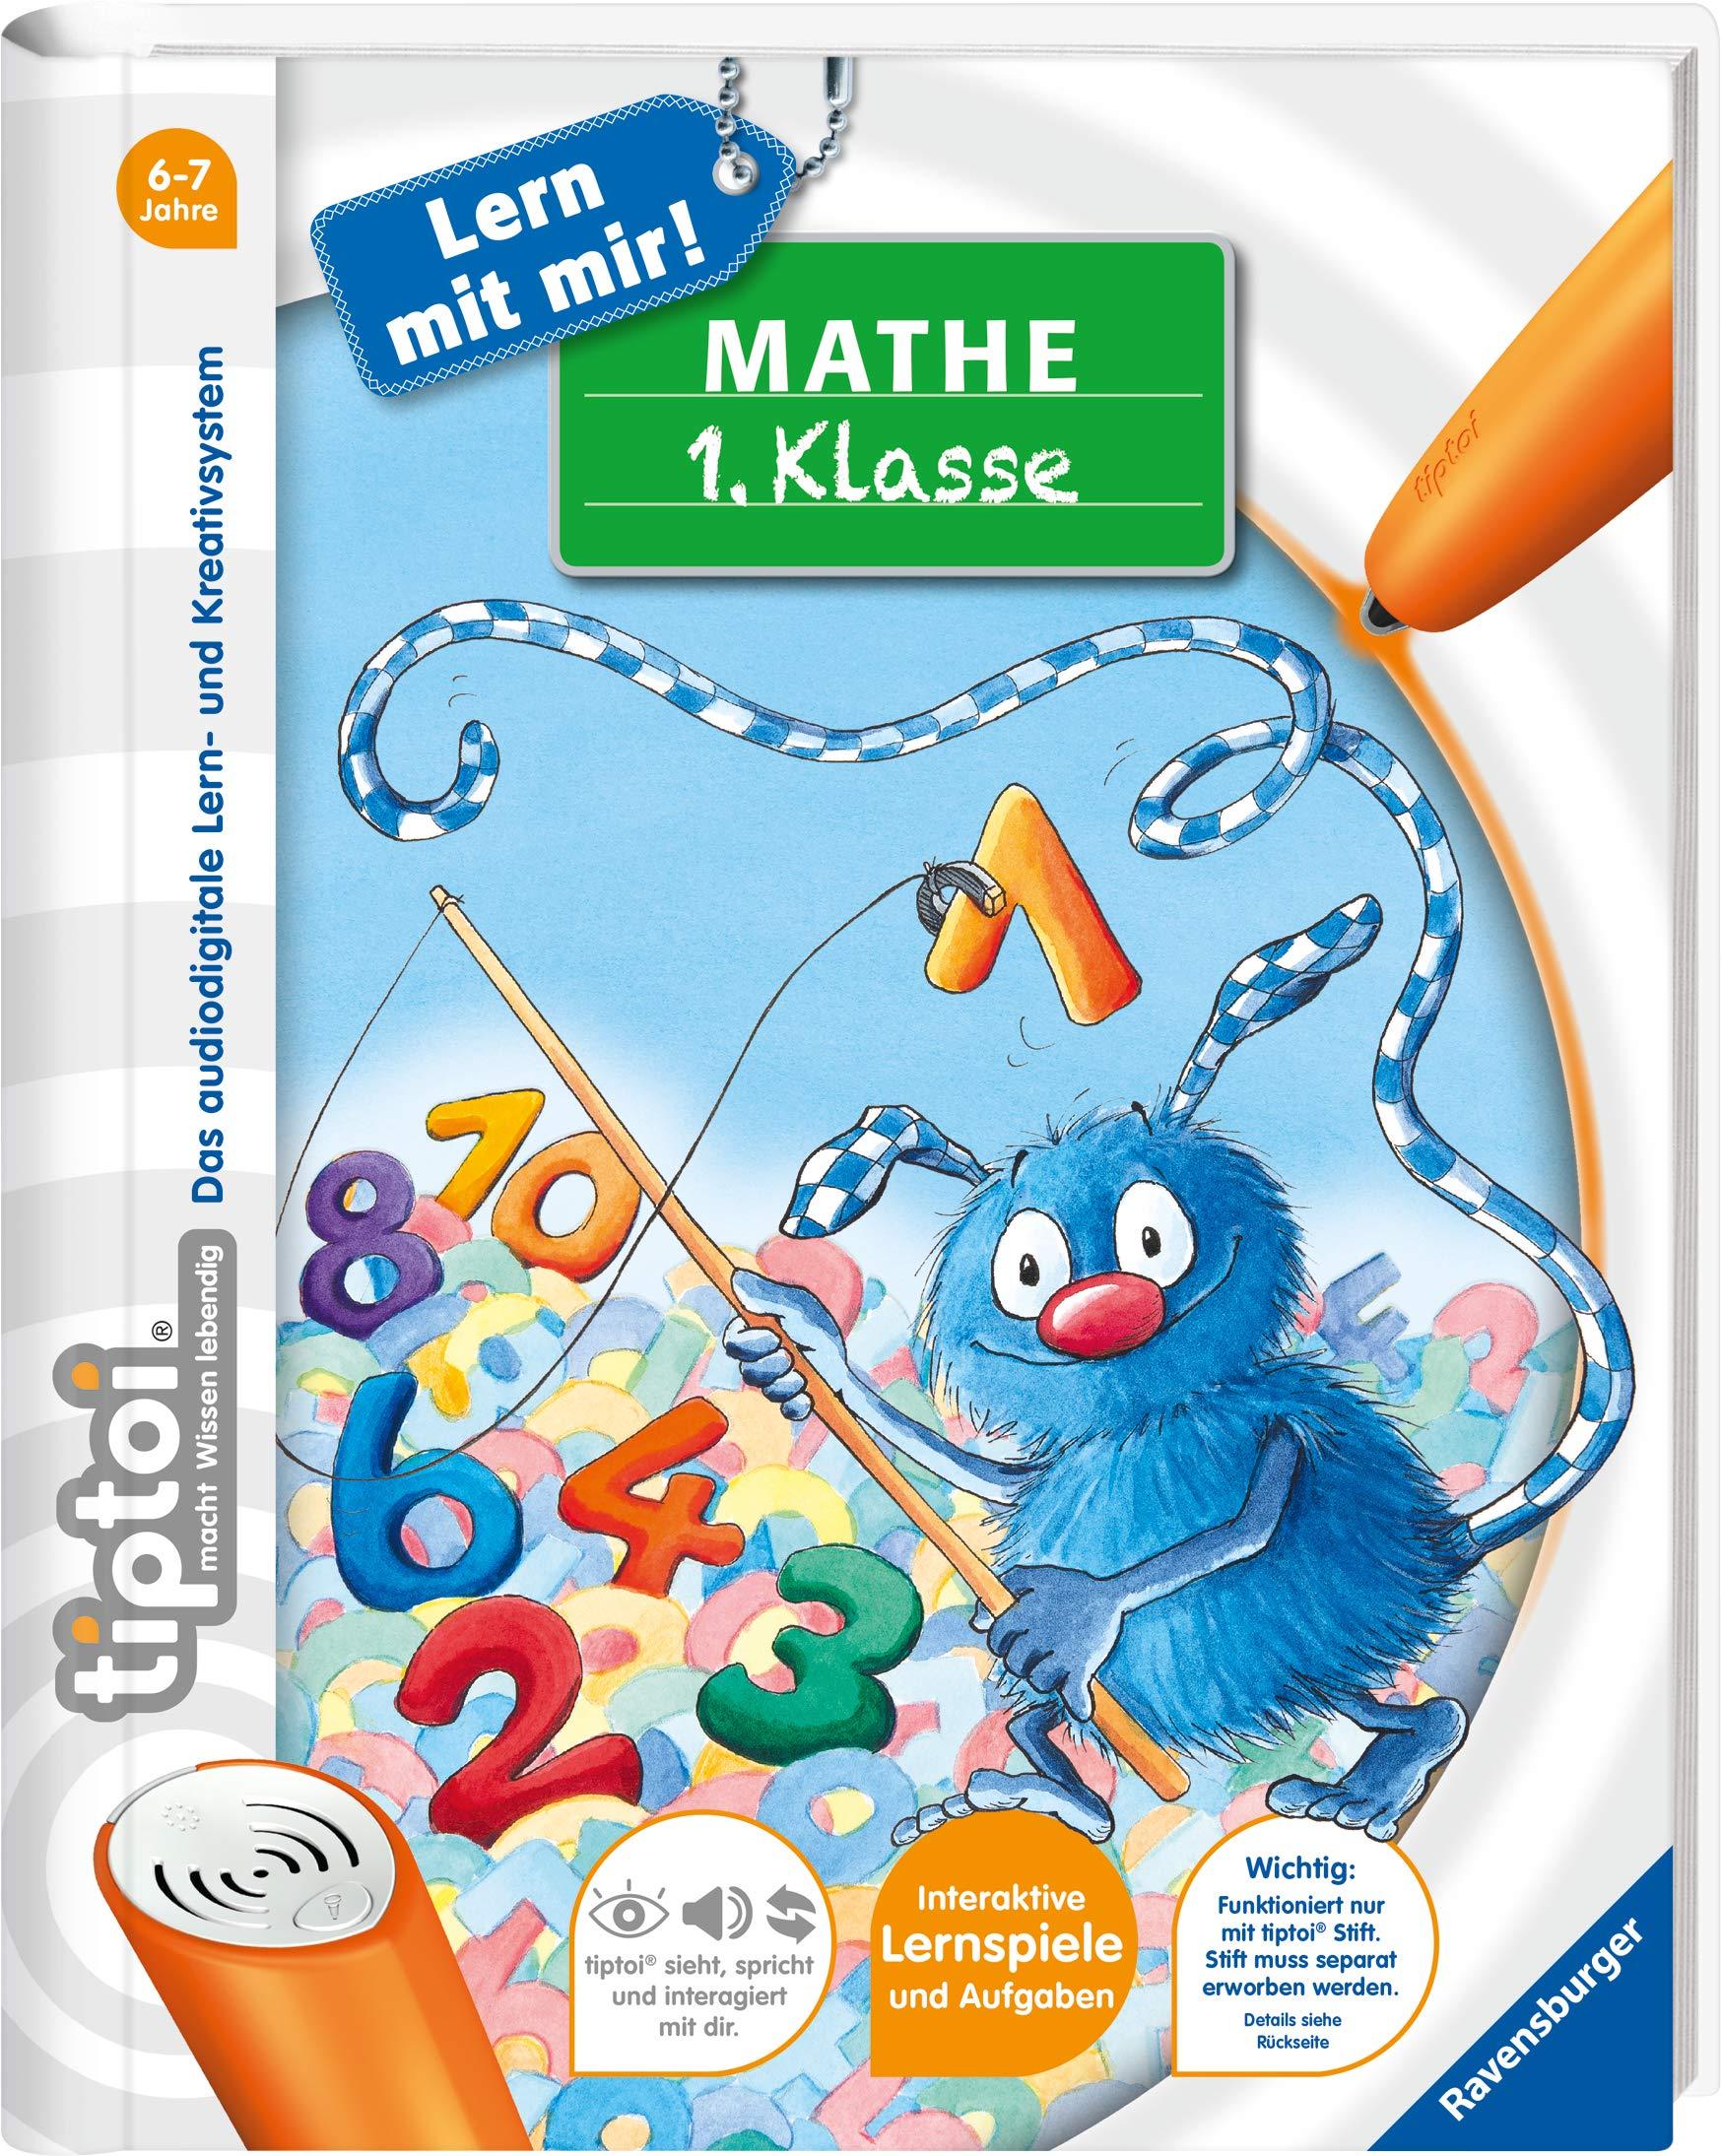 يعالج كوميديا تشغل mathematik 20 klasse amazon   acmeskillsllp.com